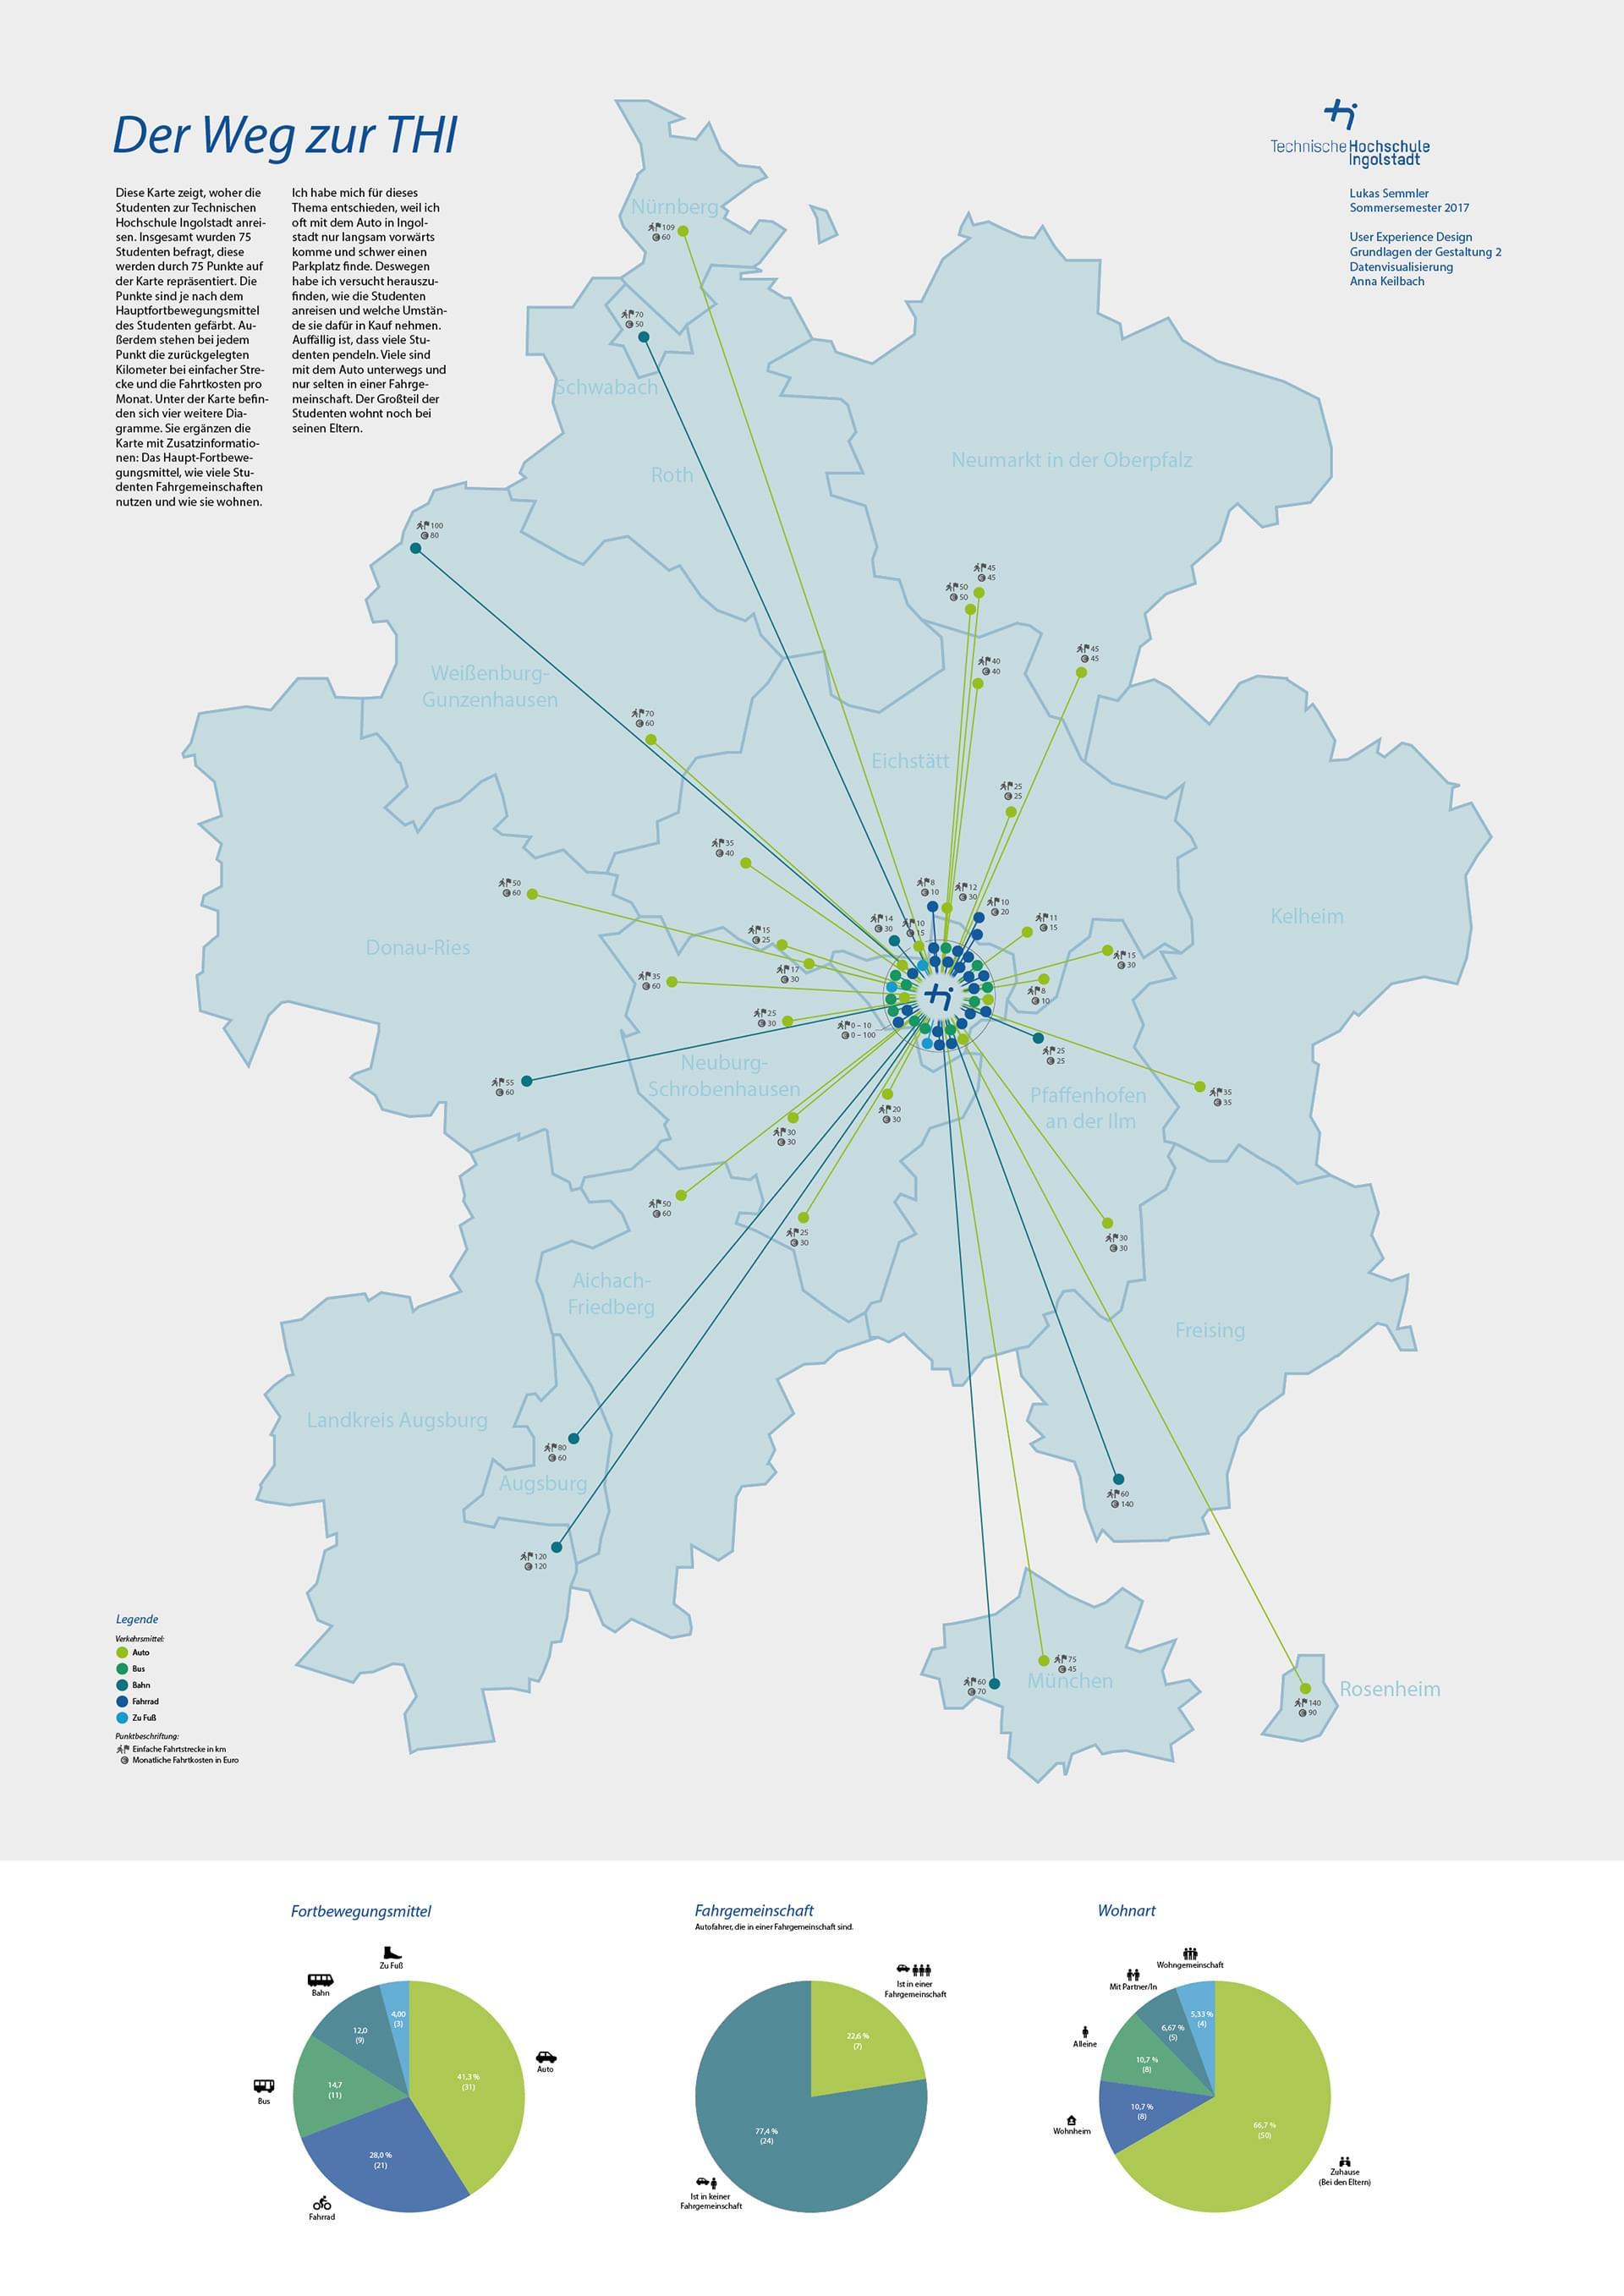 Das Plakat der Datenvisualisierung. Auf einer Karte sind die Herkunftsorte der Studenten eingetragen.